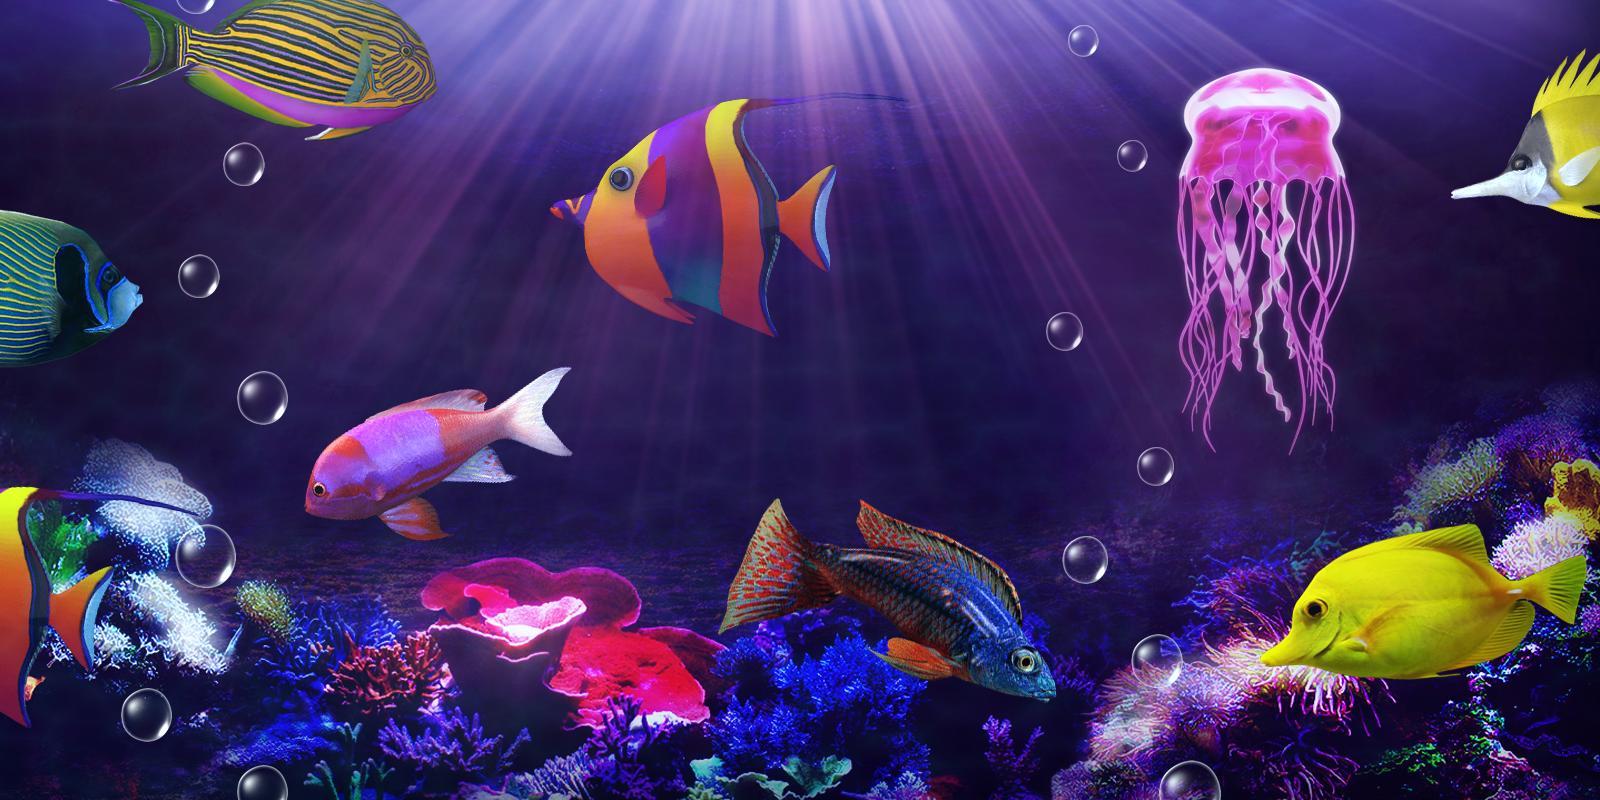 движущаяся картинка с рыбками на телефон